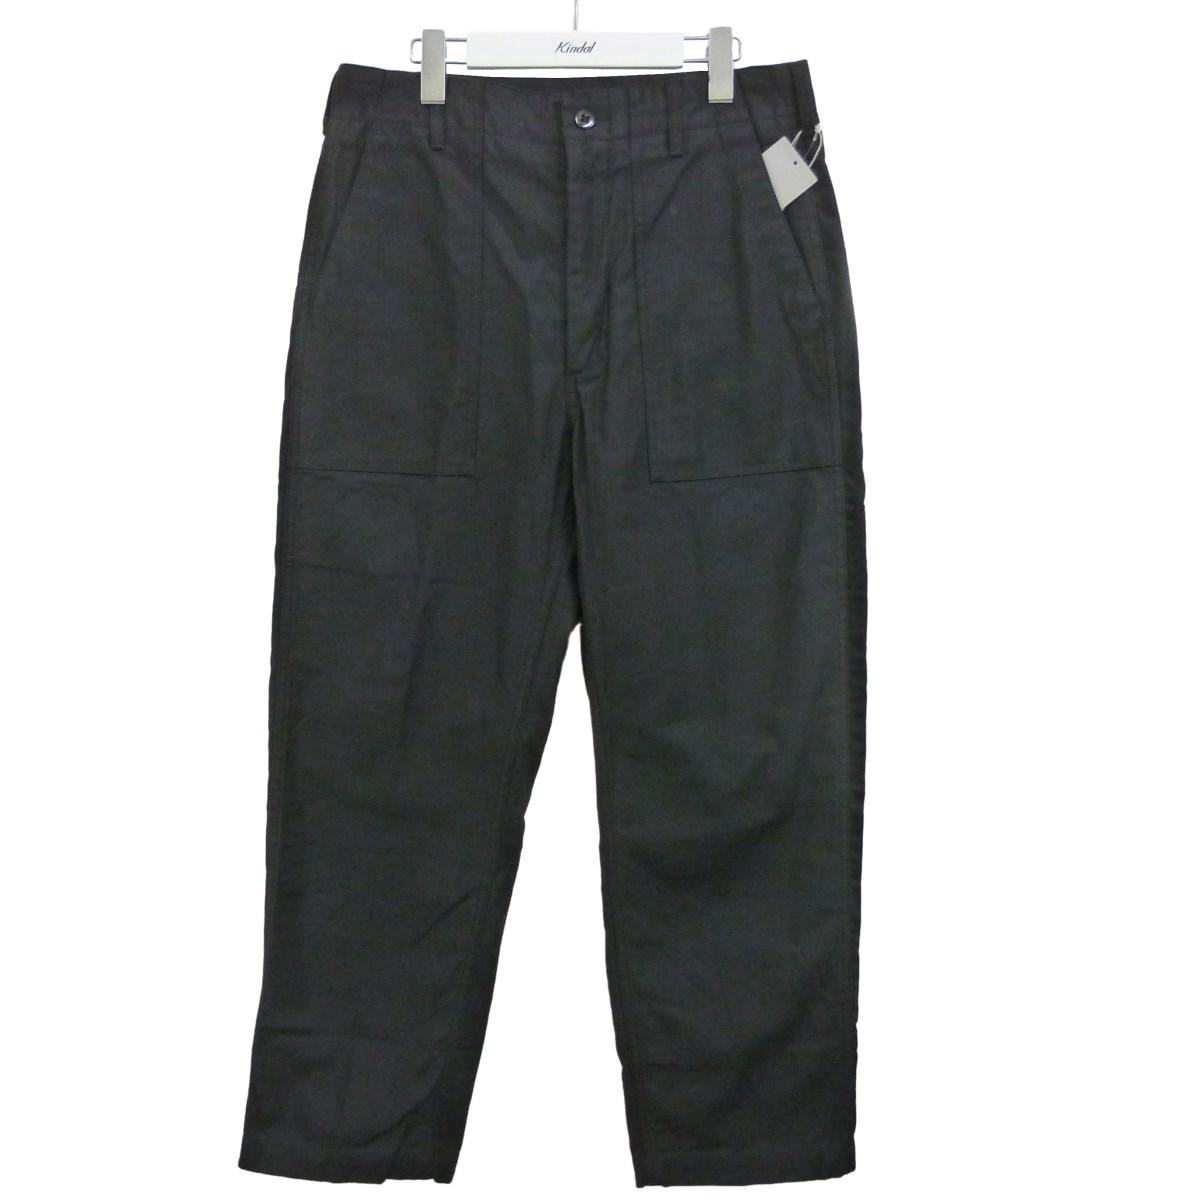 【中古】Engineered Garments × BEAMS PLUS 「DINER FATIGUE PANT BACK SATIN」ディナーパンツ ブラック サイズ:XS 【180620】(エンジニアードガーメンツ ビームスプラス)